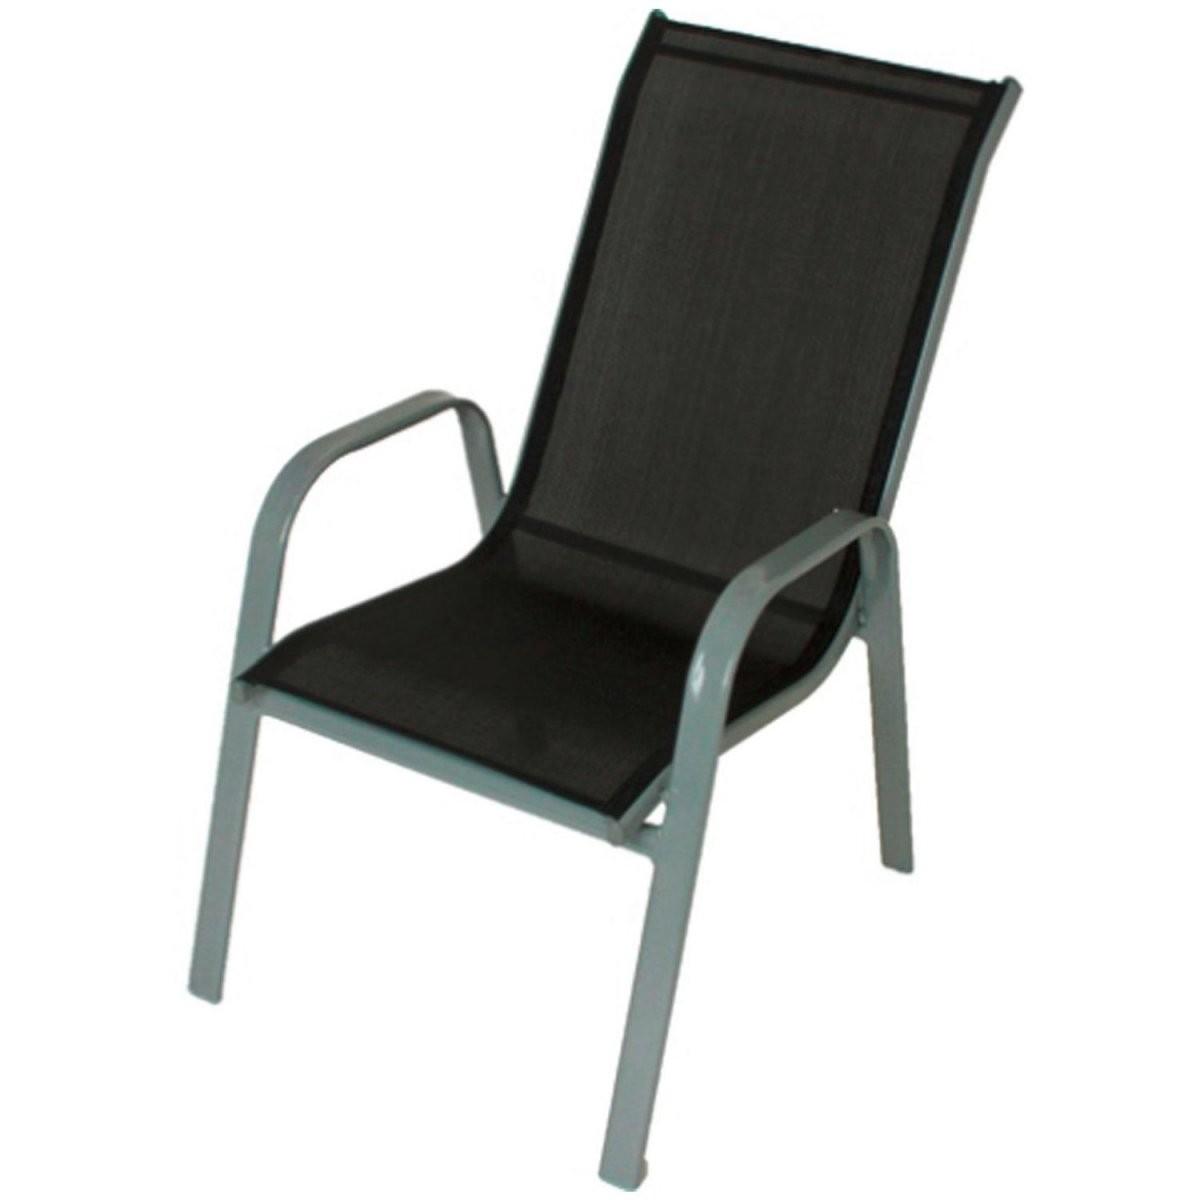 Gartenstühle Online Kaufen Bei Obi von Gartenstühle Alu Hochlehner Stapelbar Photo